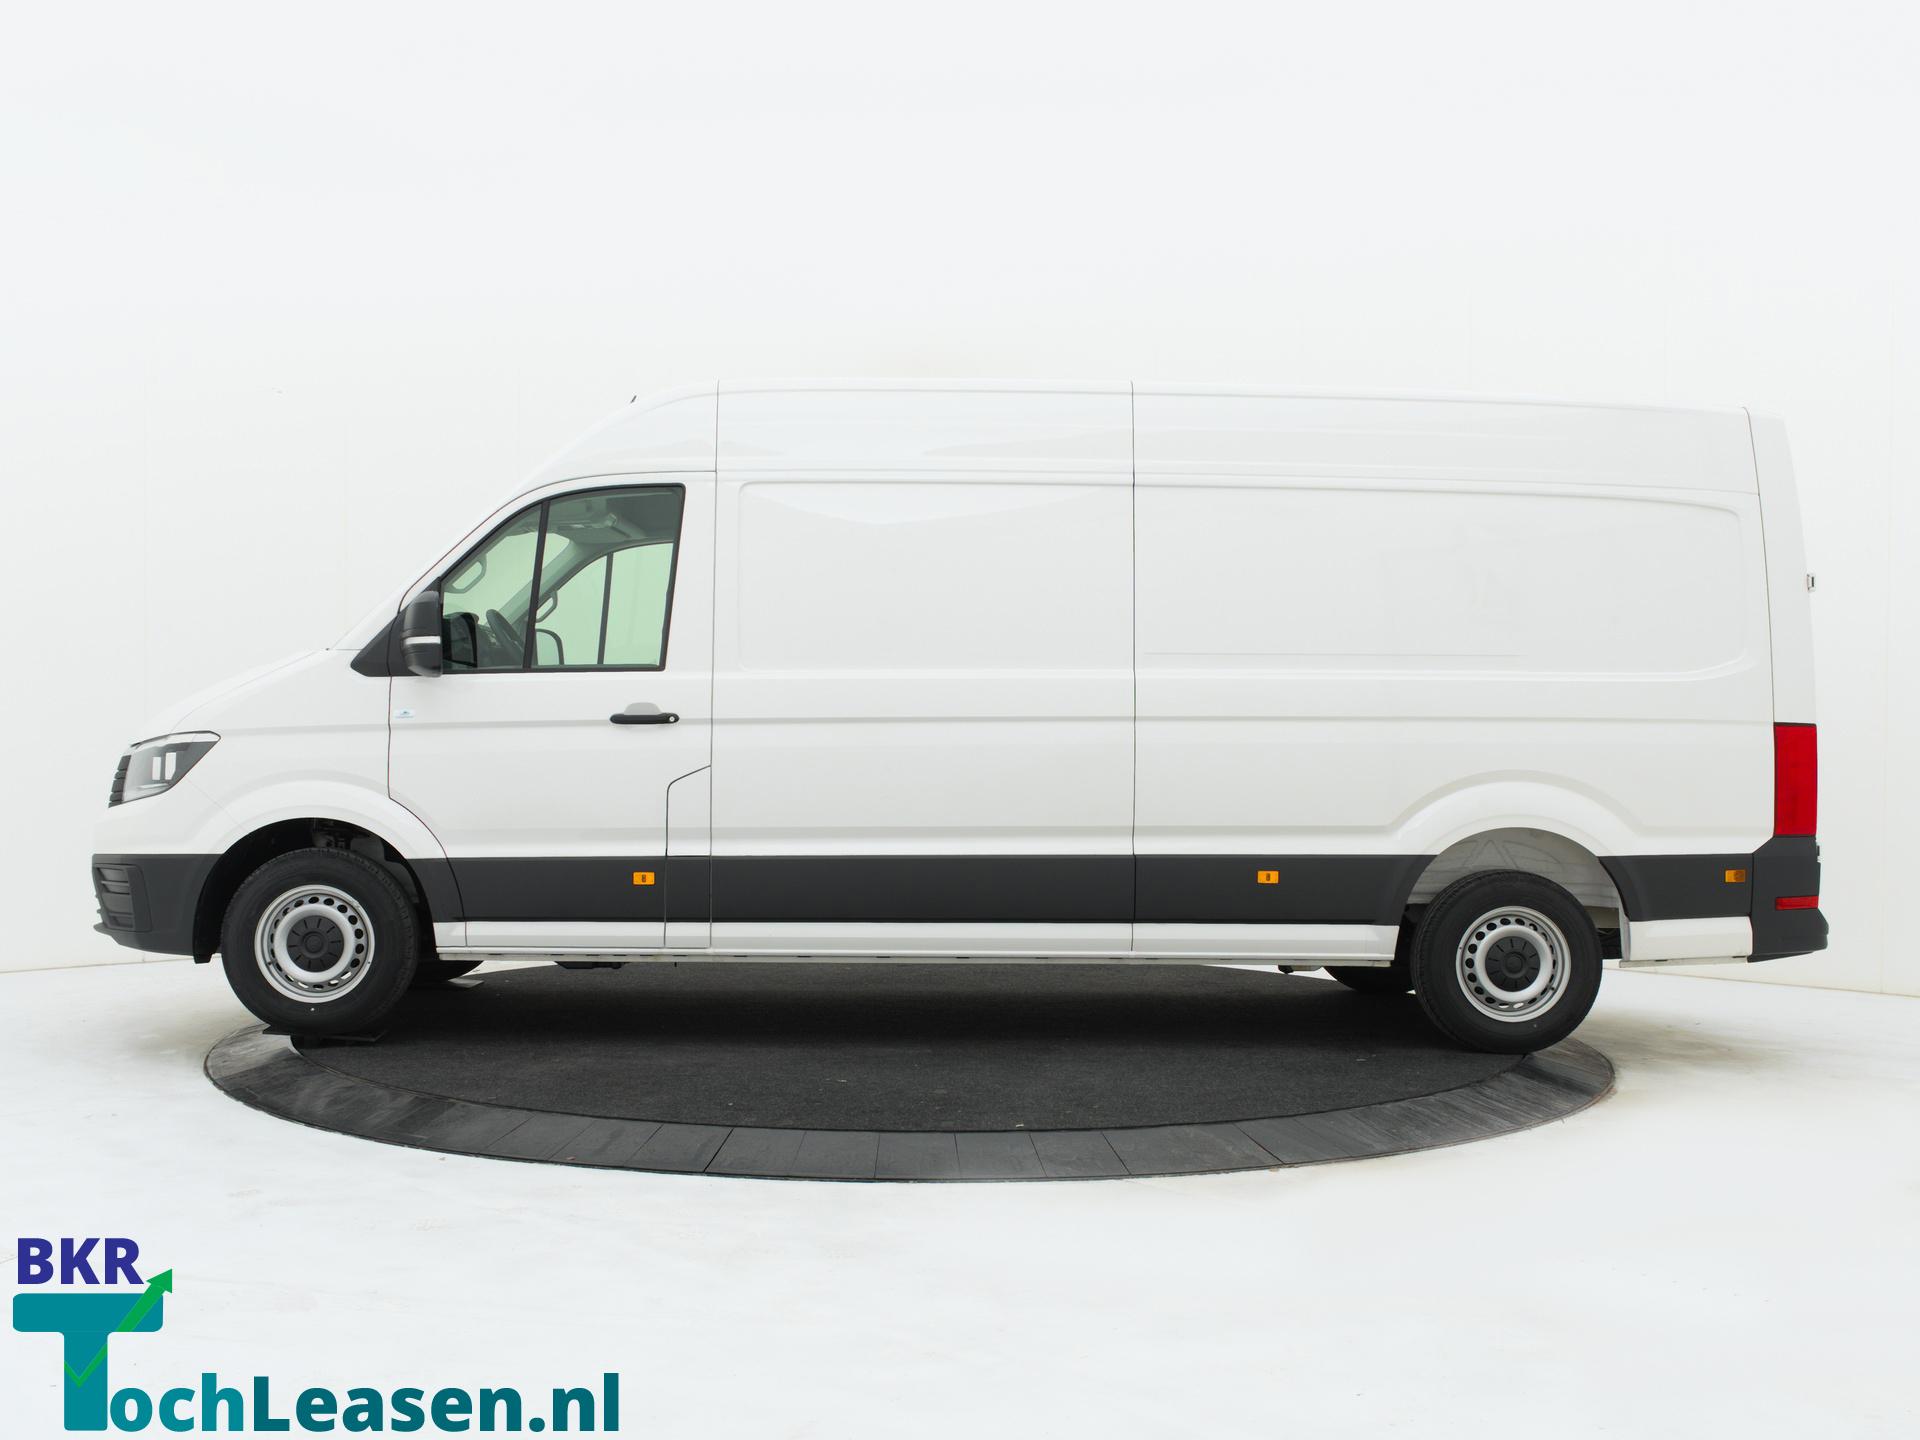 BkrTochLeasen.nl - Witte Volkswagen Crafter 12